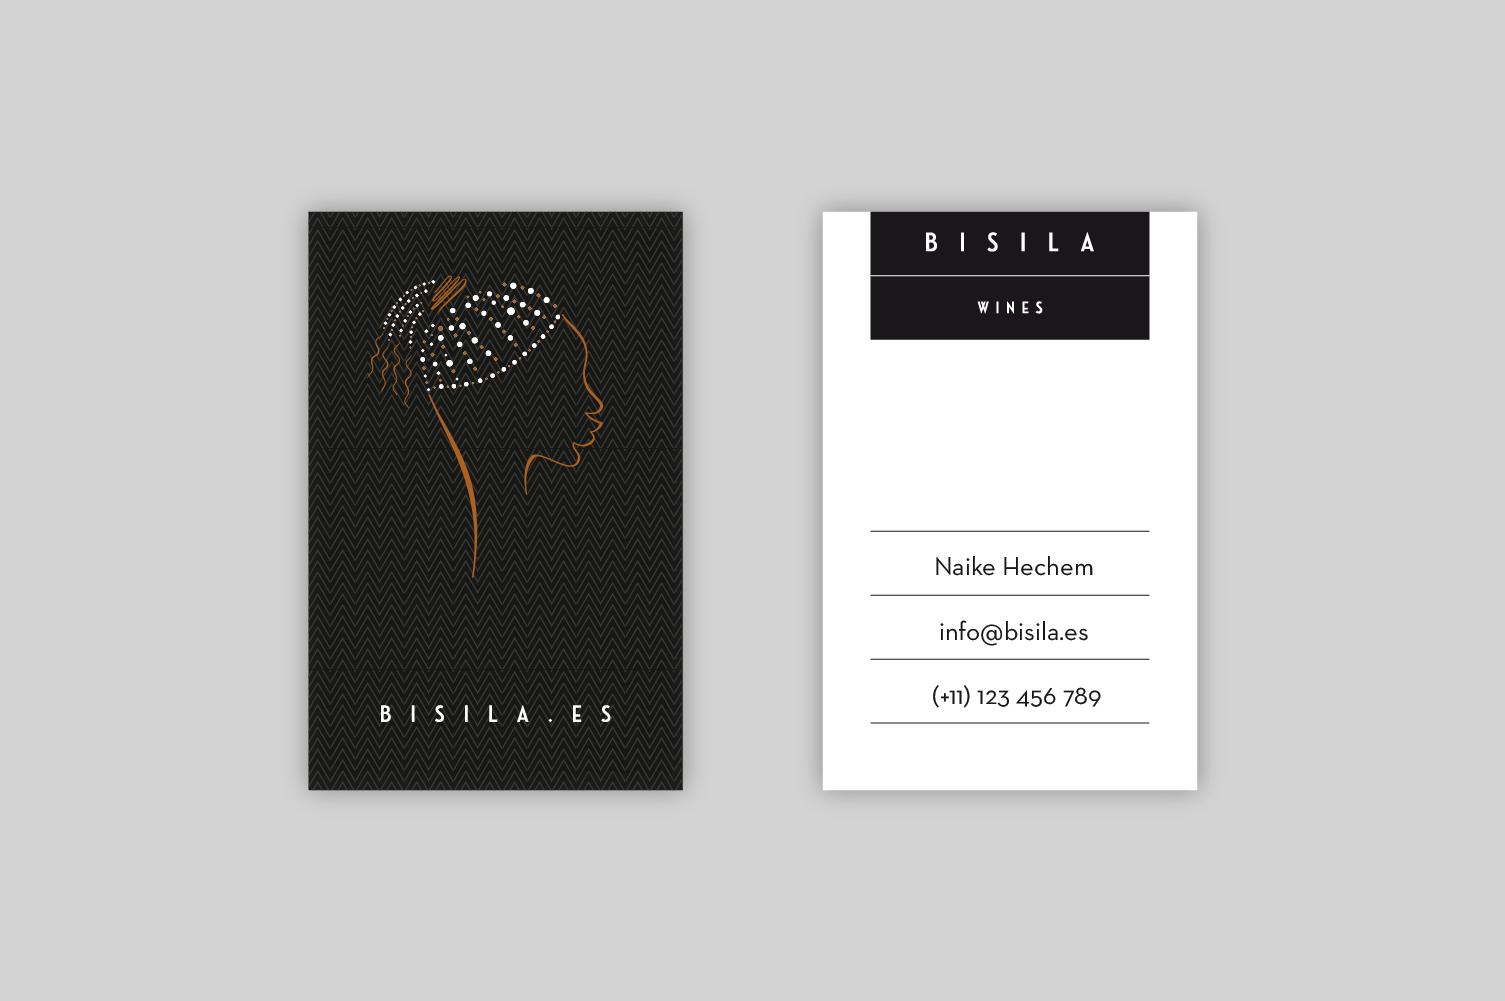 Tarjetas de presentación Bisila Wines